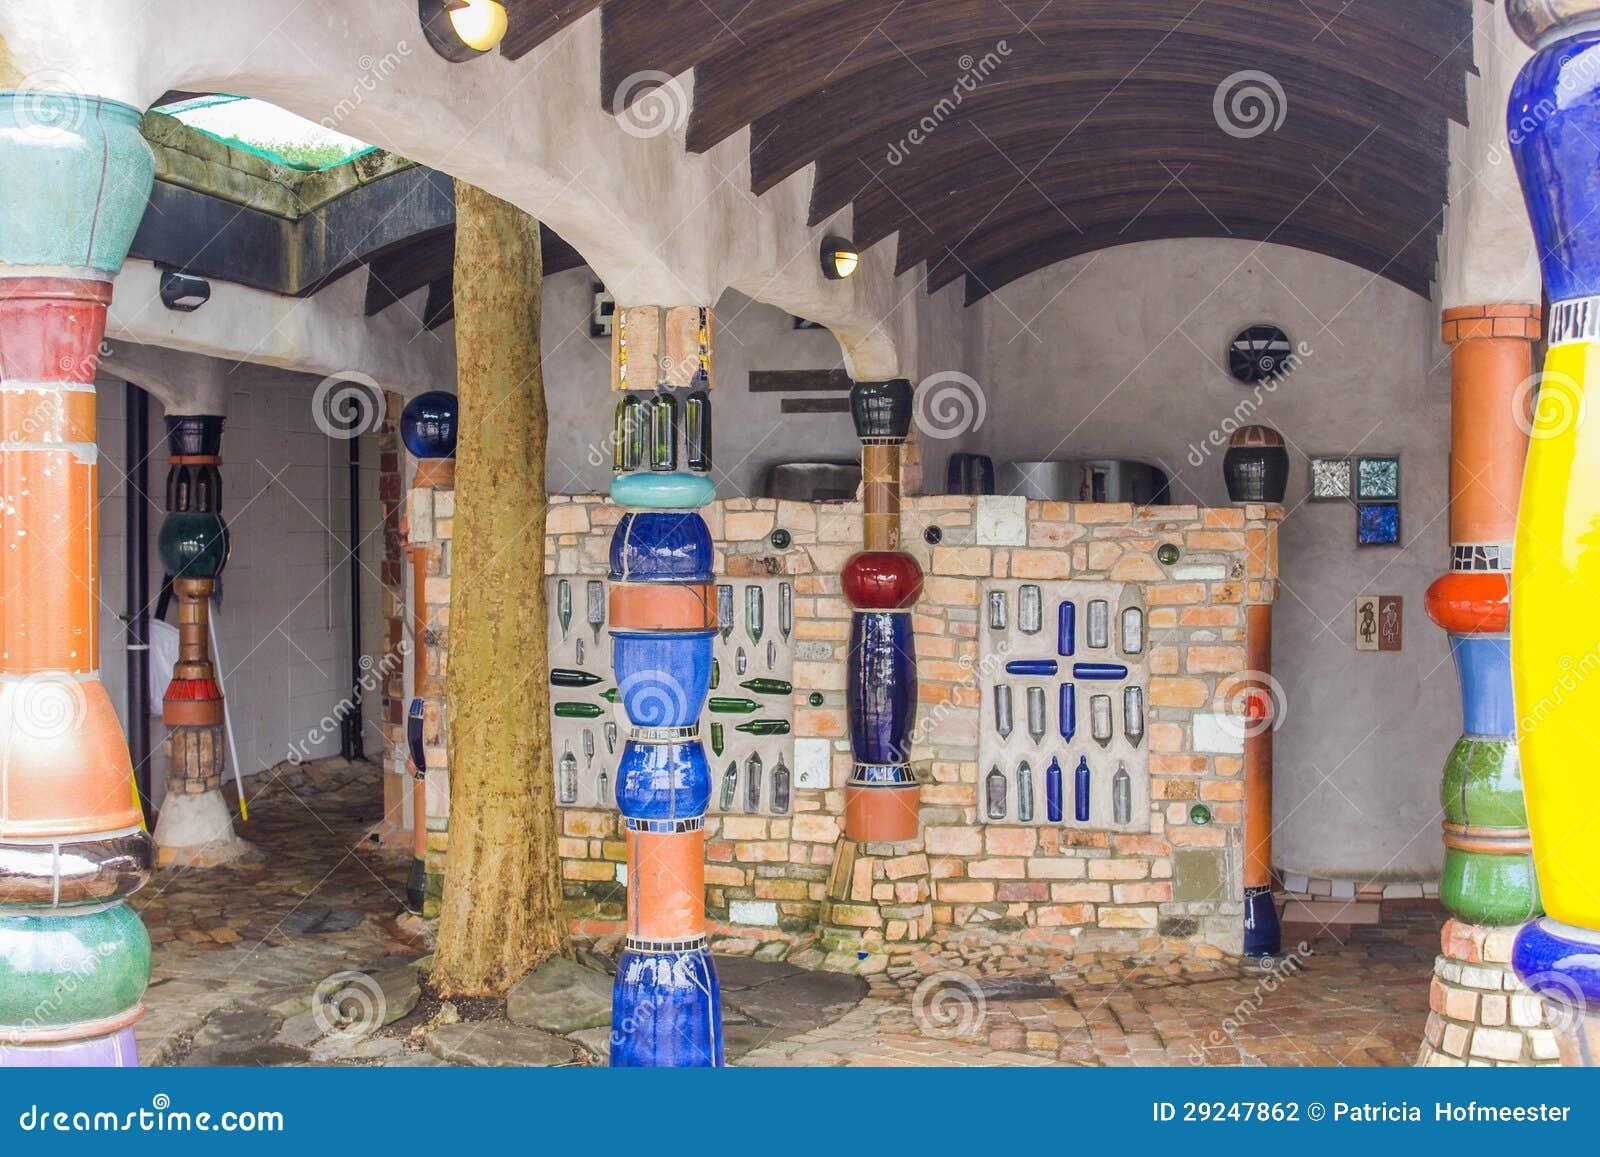 Kako IDS gradi škole - Page 3 Innenraum-der-toilette-durch-hundertwasser-29247862